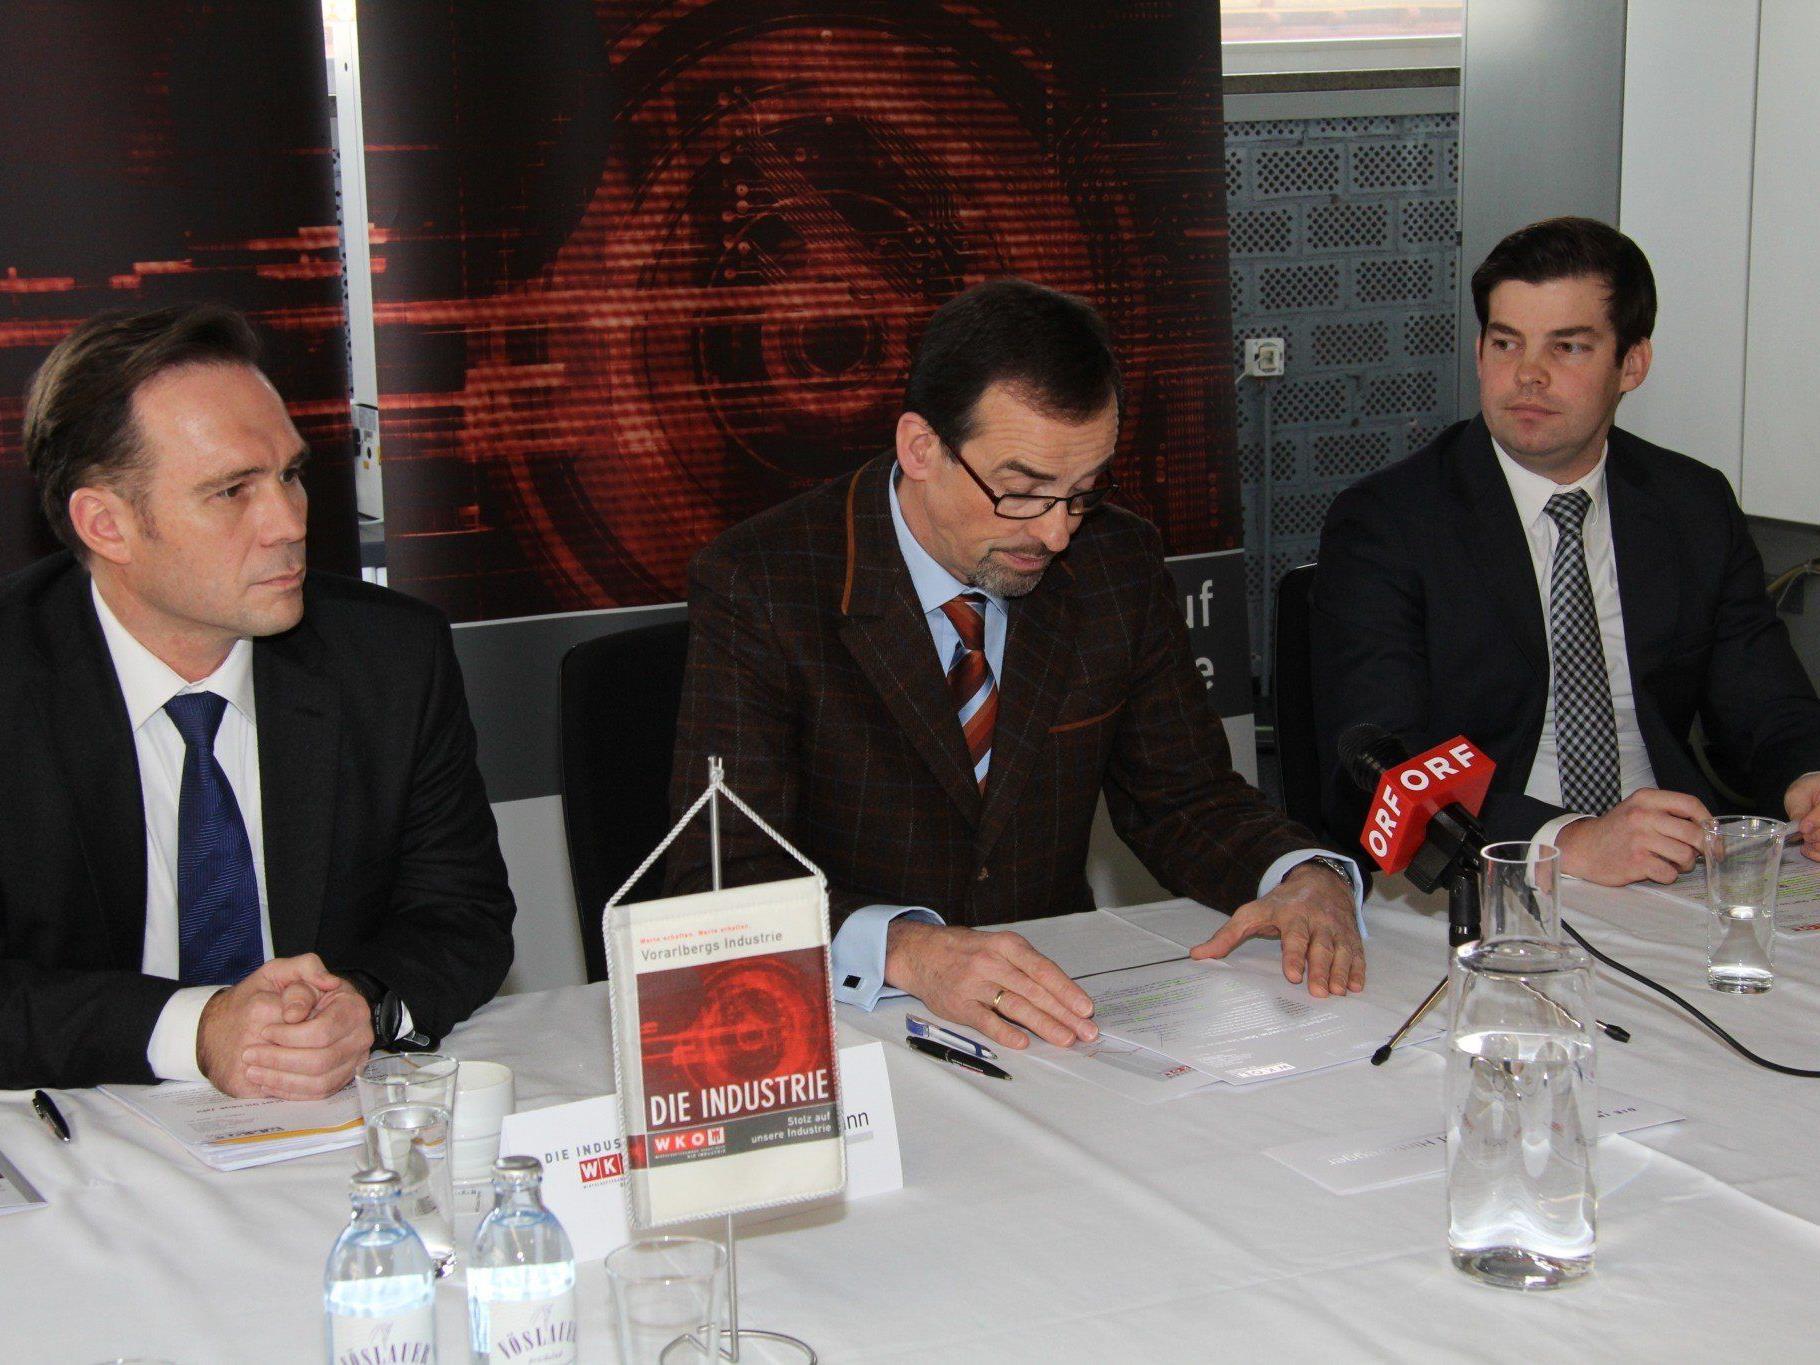 Von links: Michael Amann und Christoph Hinteregger von der Wirtschaftskammer Vorarlberg, Mathias Burtscher, Geschäftsführer der Industriellenvereinigung Vorarlberg